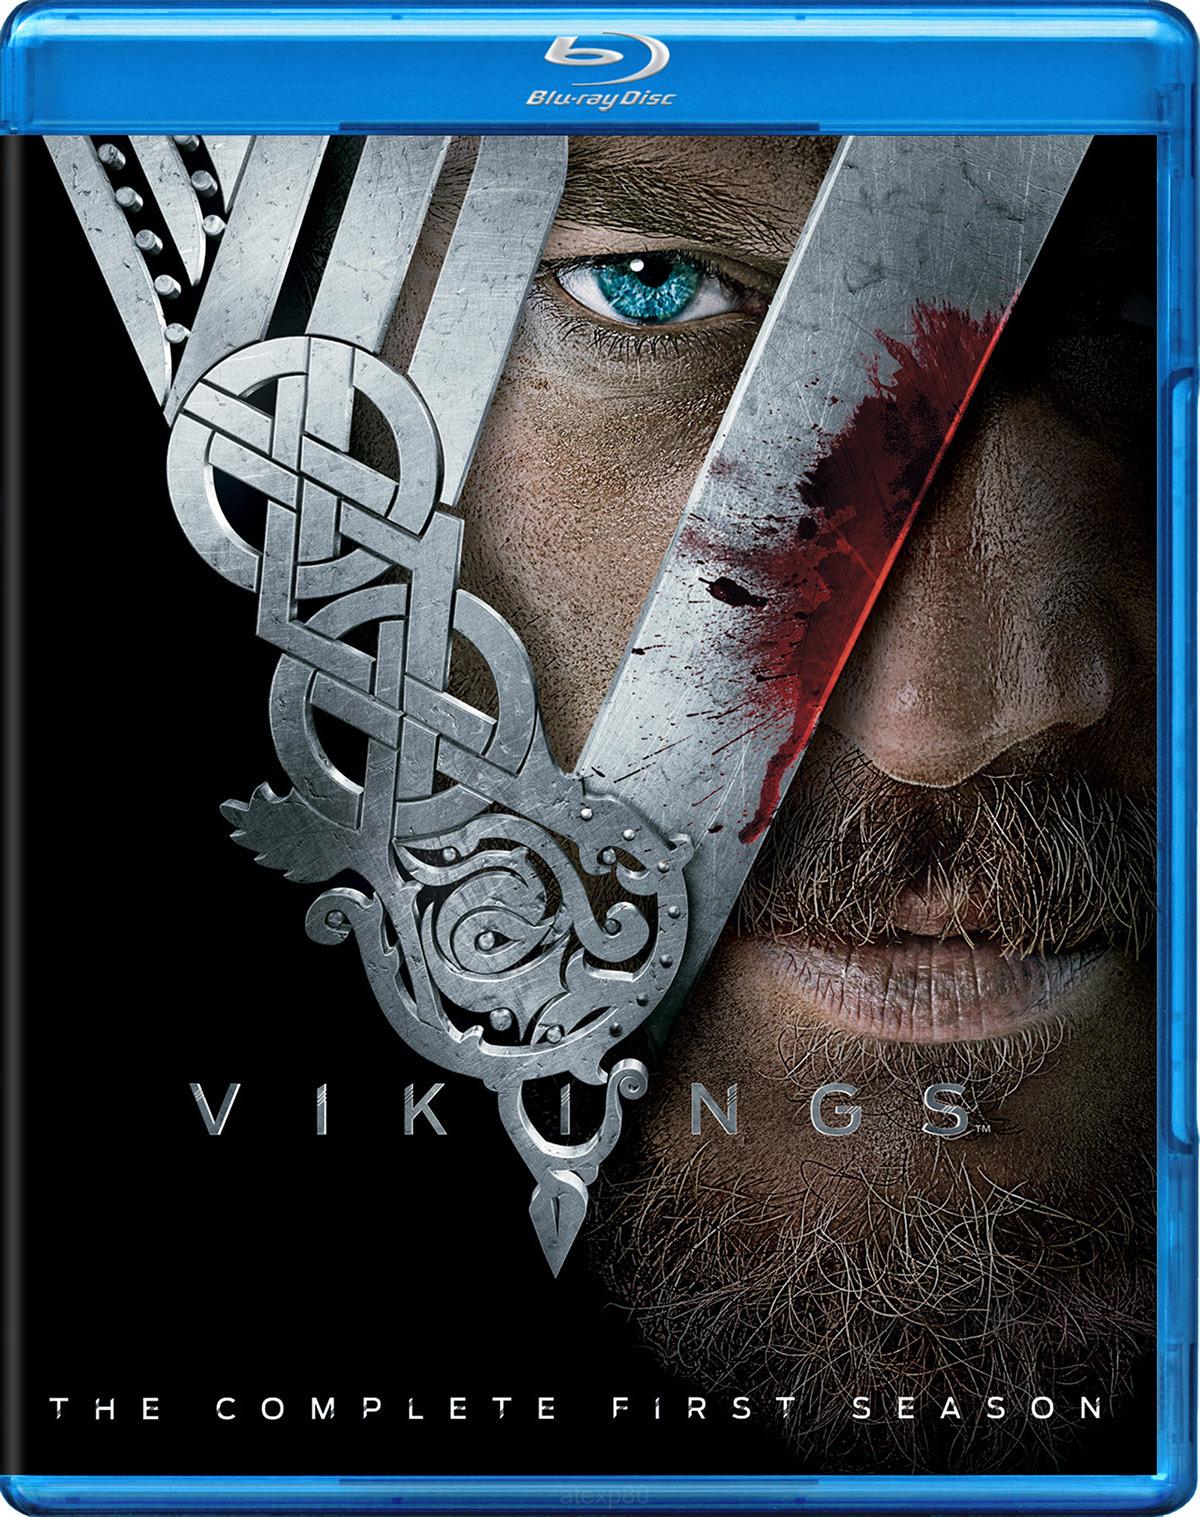 Vikings s01e01 720